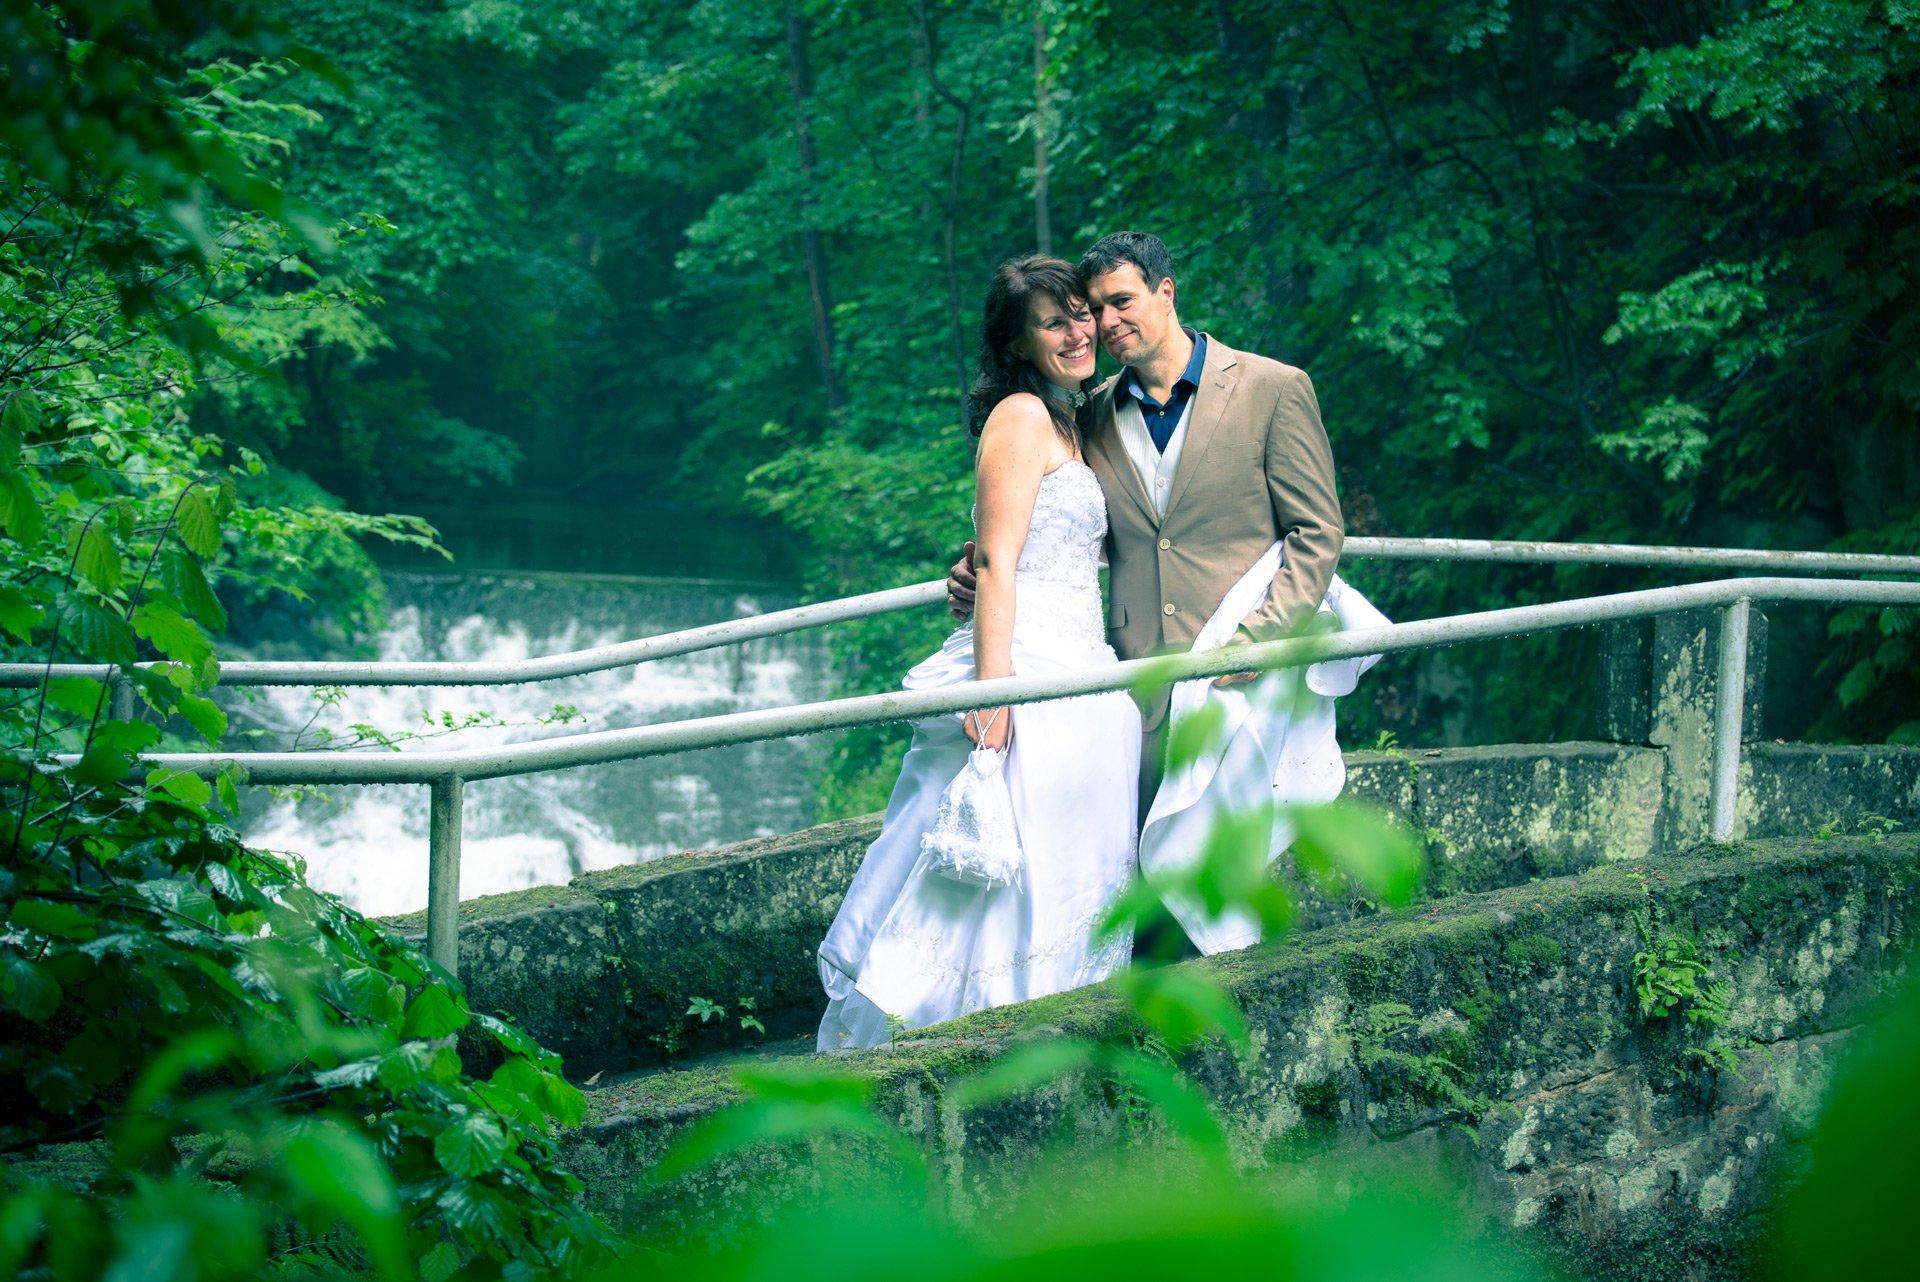 Hochzeit im Liebethaler Grund bei Pirna